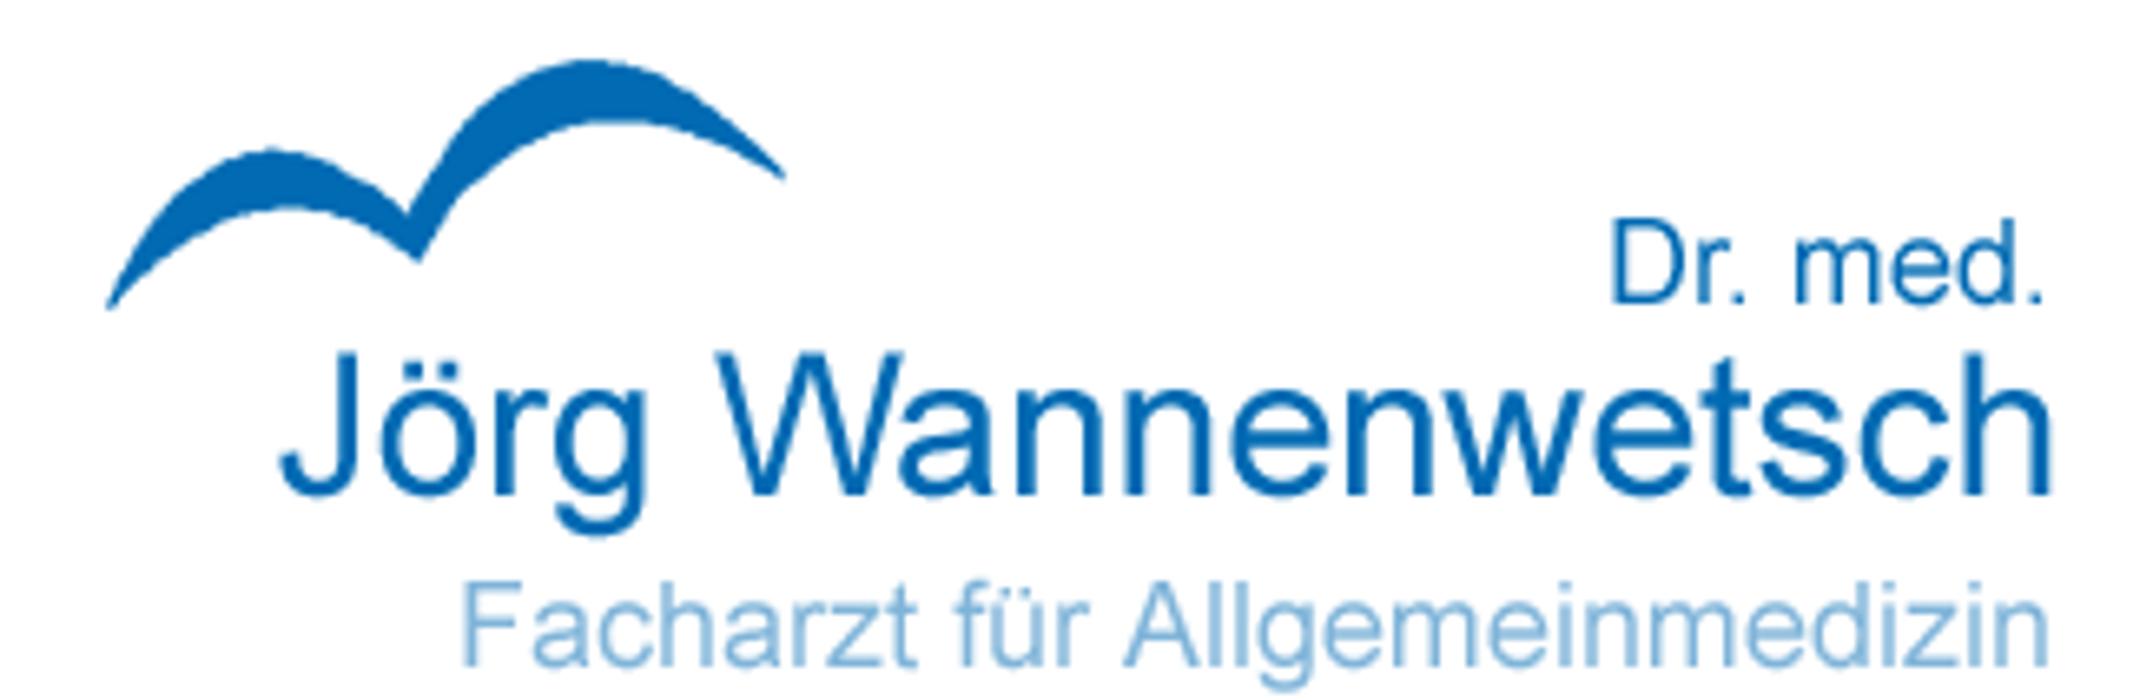 Logo von Wannenwetsch Jörg Dr. med.